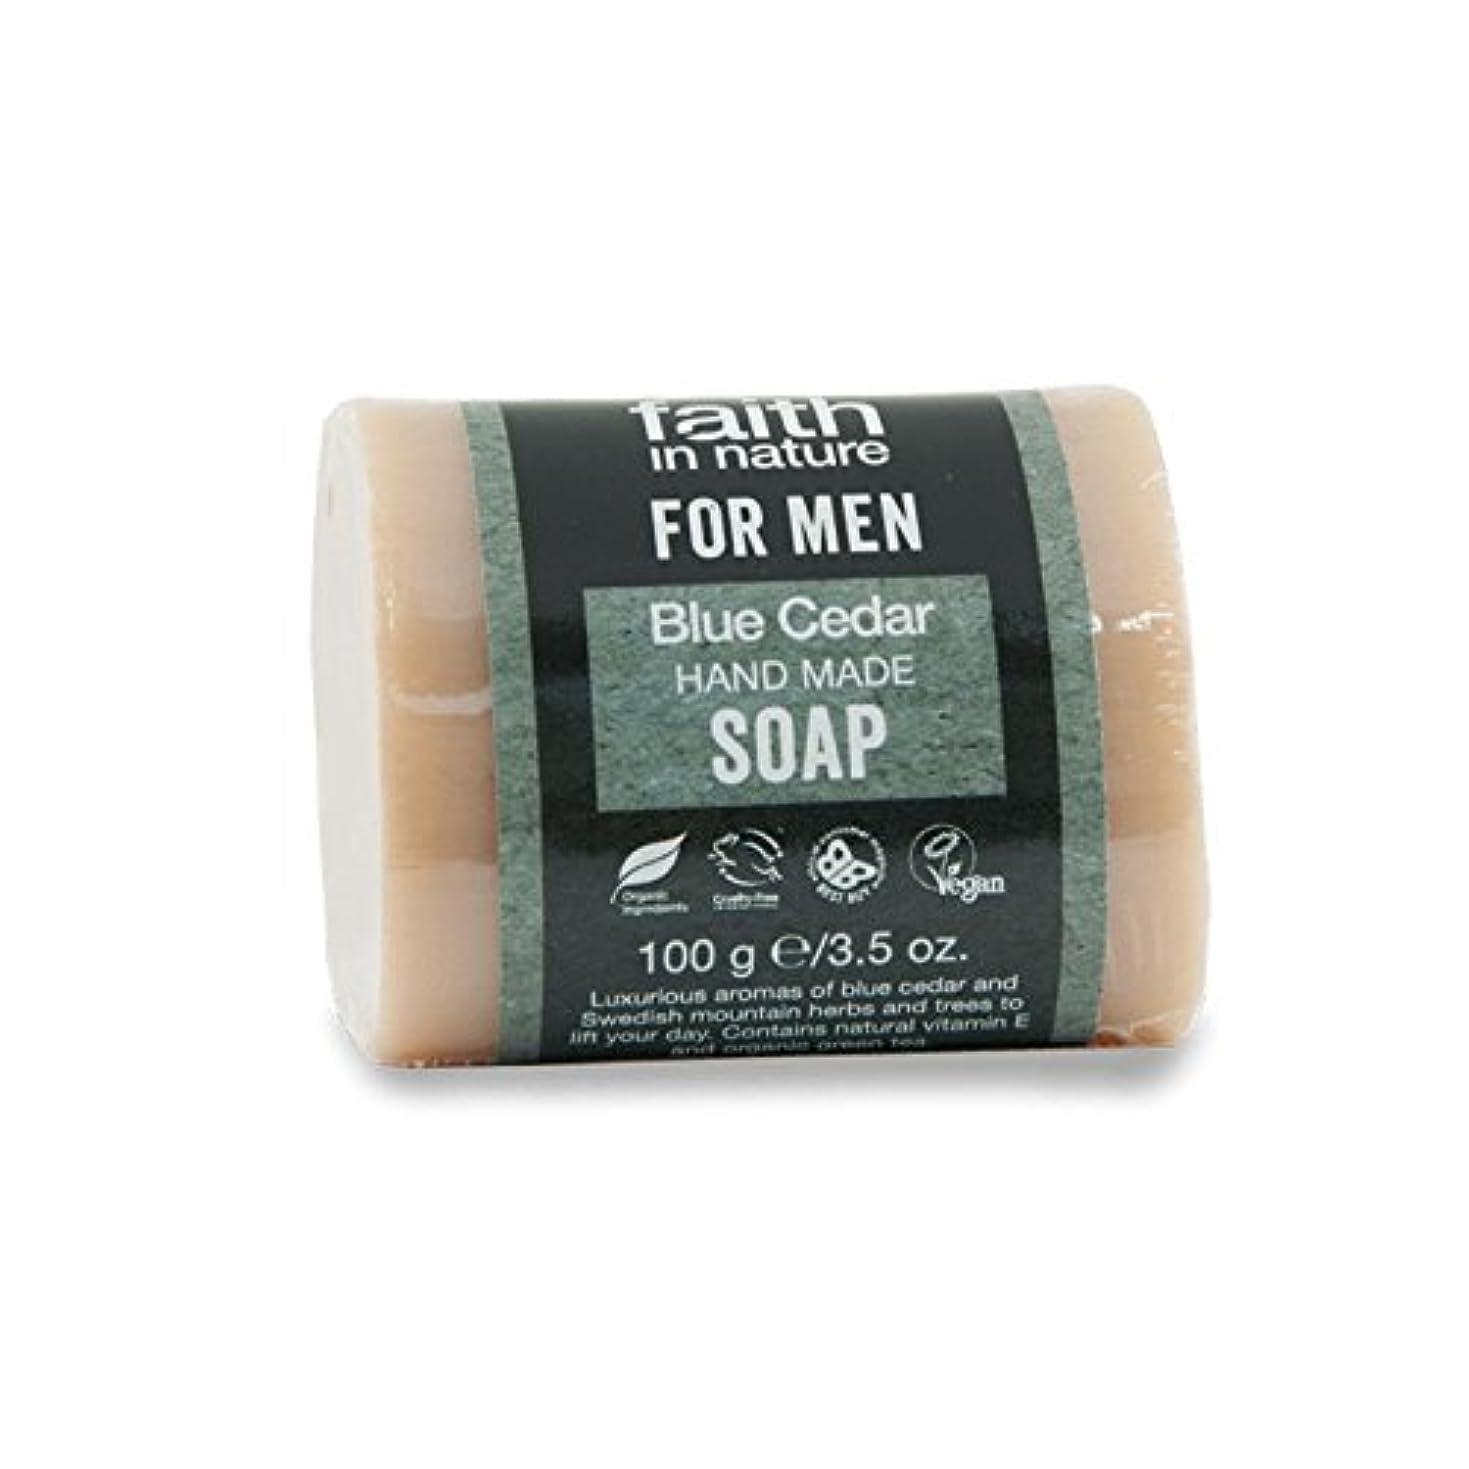 一掃するレーニン主義傷つける男性青杉の石鹸100グラムのための自然の中で信仰 - Faith in Nature for Men Blue Cedar Soap 100g (Faith in Nature) [並行輸入品]